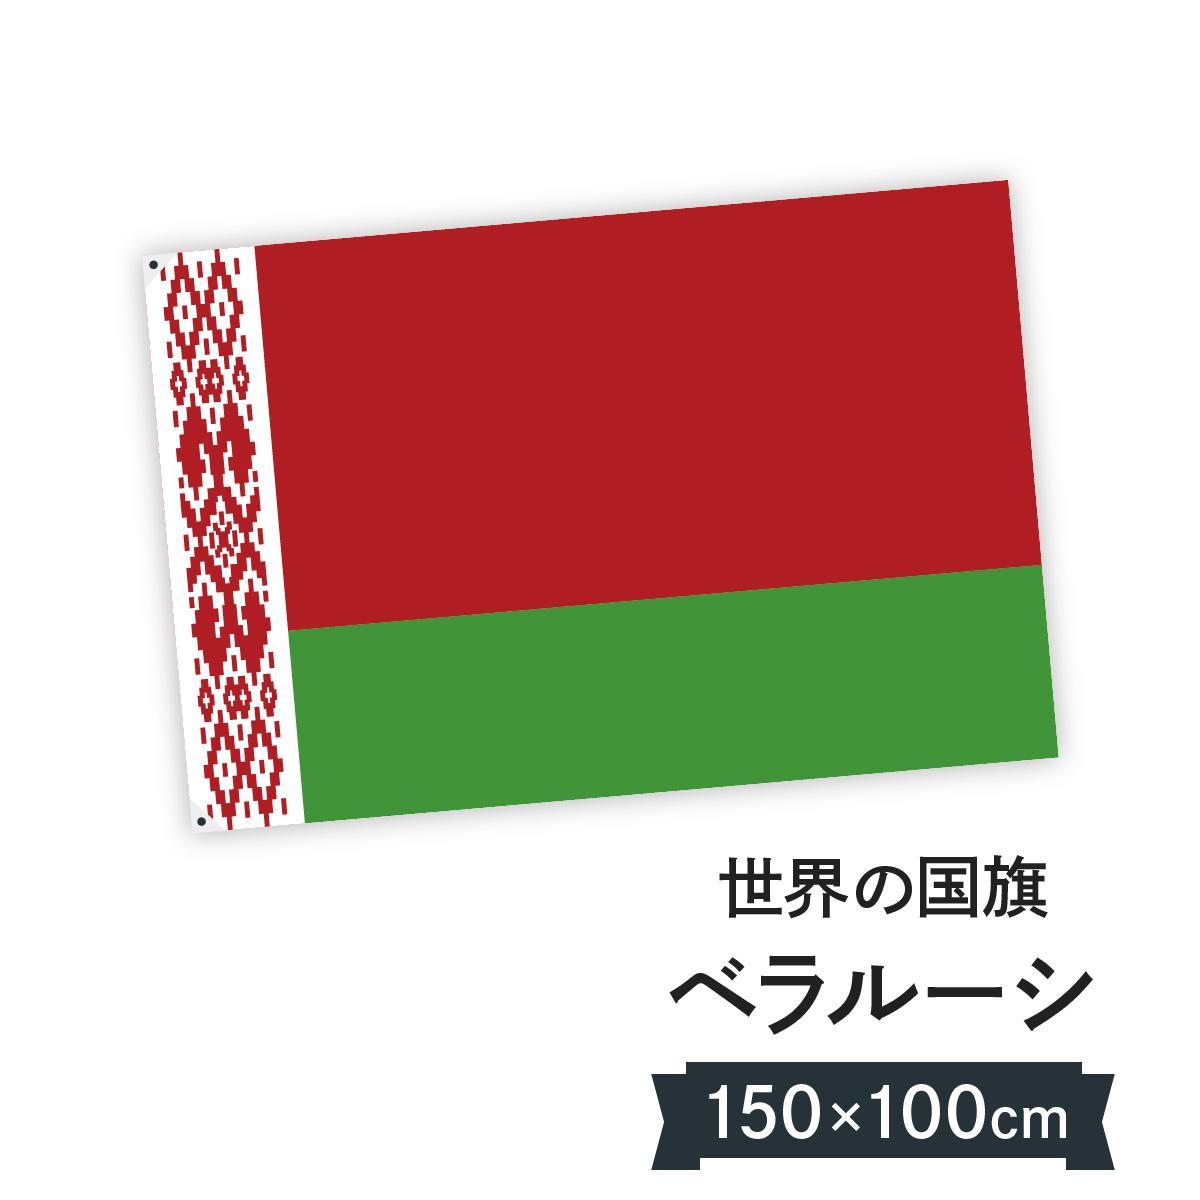 ベラルーシ共和国 国旗 W150cm H100cm